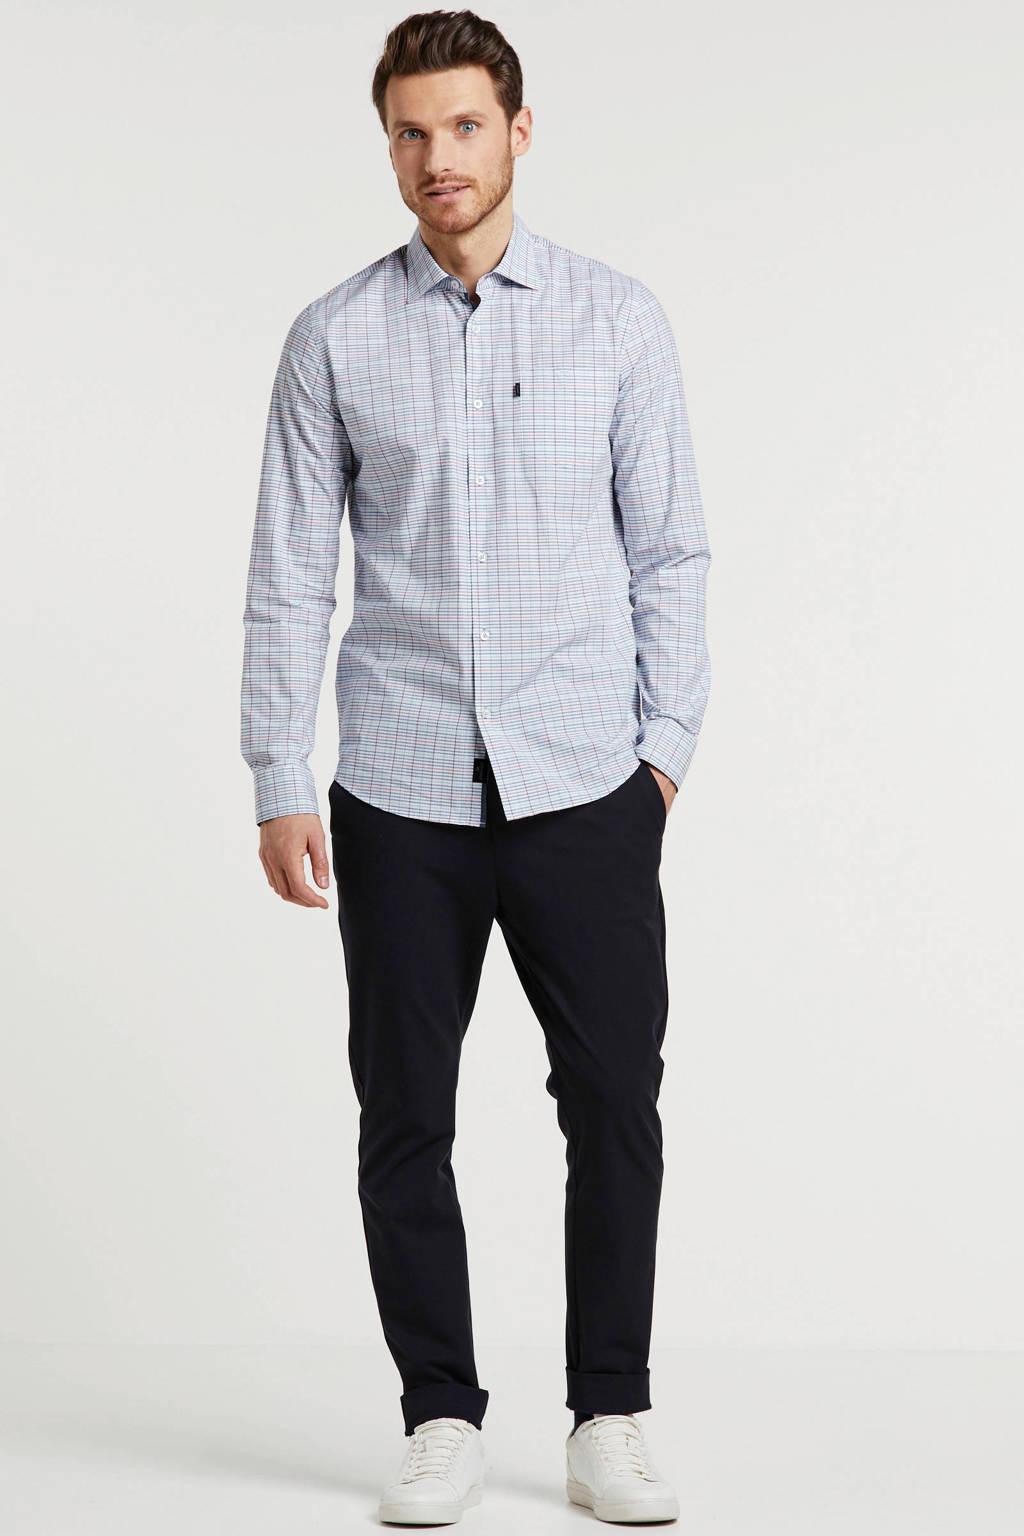 Vanguard regular fit overhemd met all over print wit/blauw/roze, Wit/blauw/roze